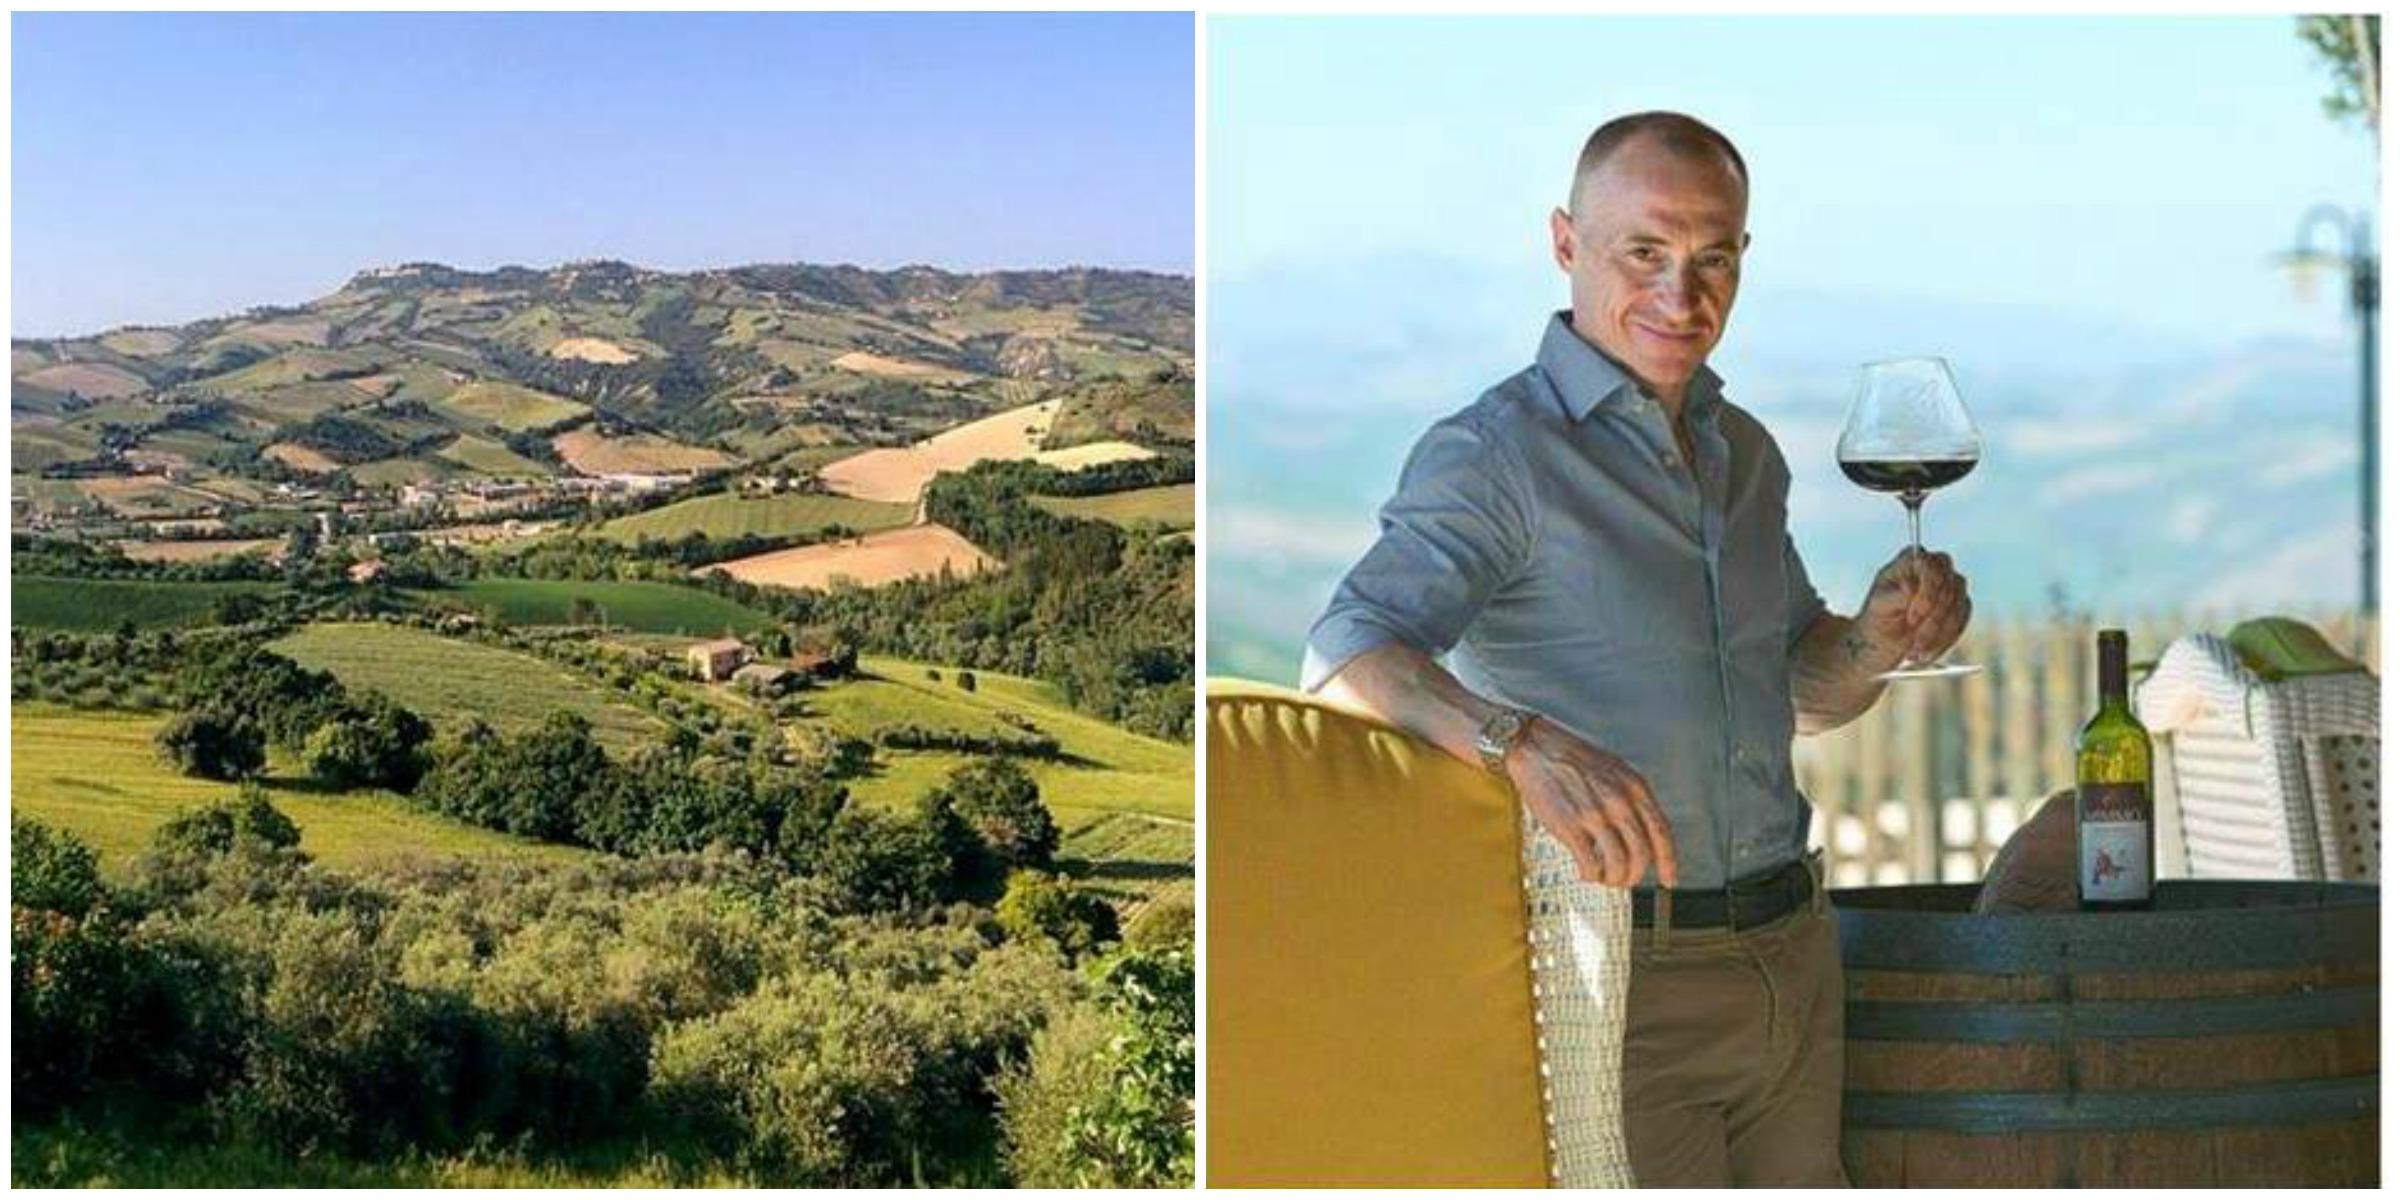 Yuri Chechi, campione olimpico testimonia la sua esperienza di imprenditore agricolo nelle Marche